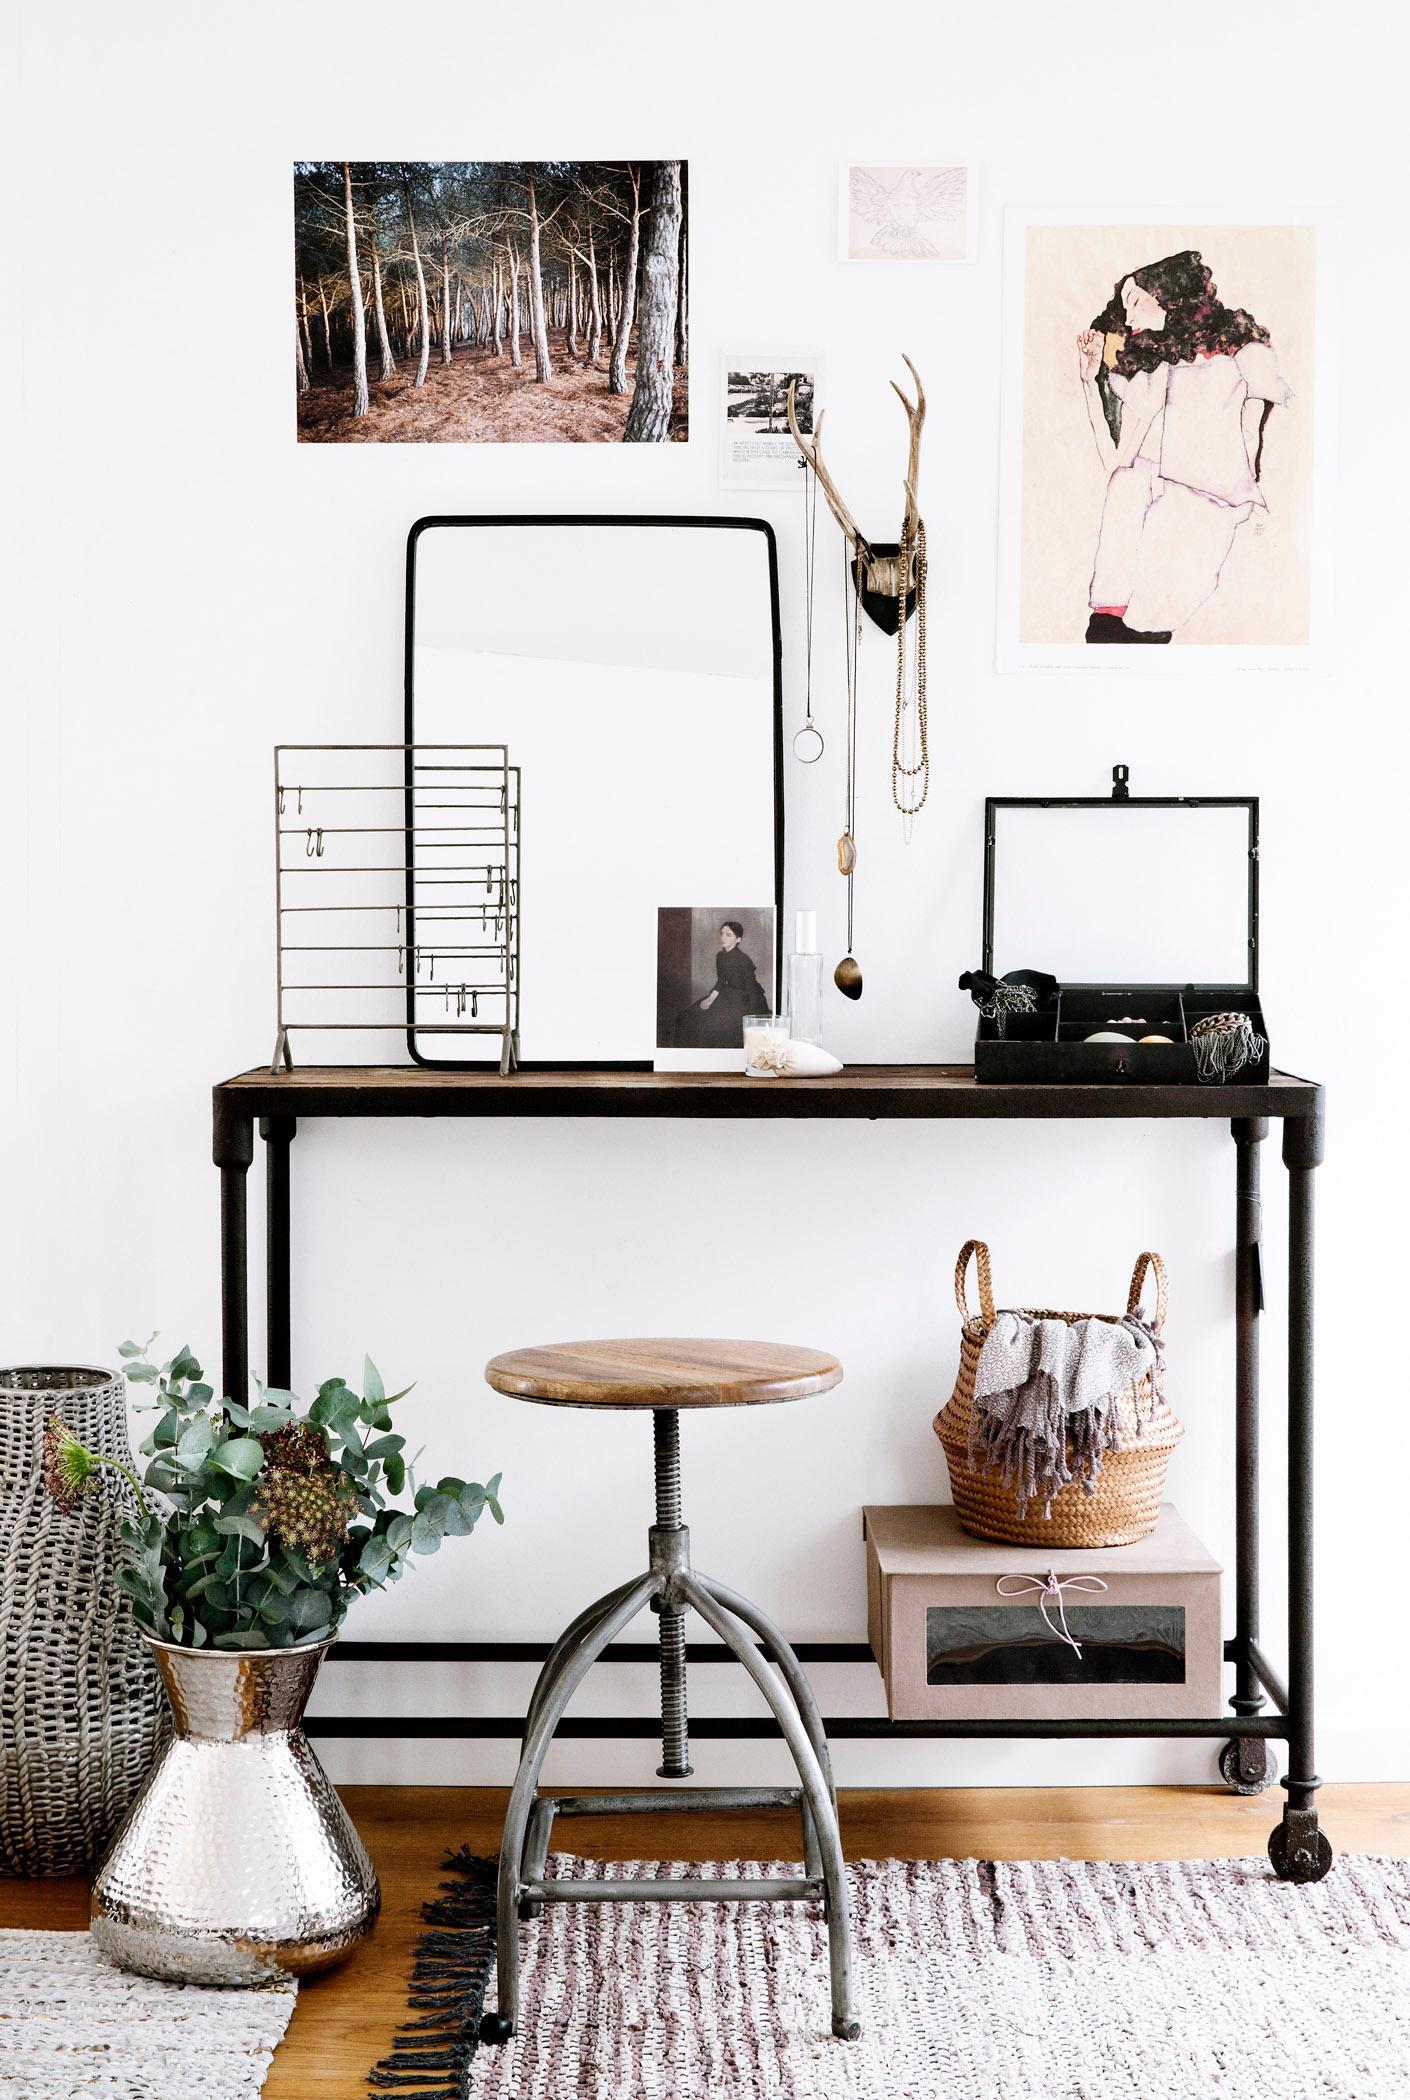 moderner schminktisch geweih hocker teppich spie. Black Bedroom Furniture Sets. Home Design Ideas